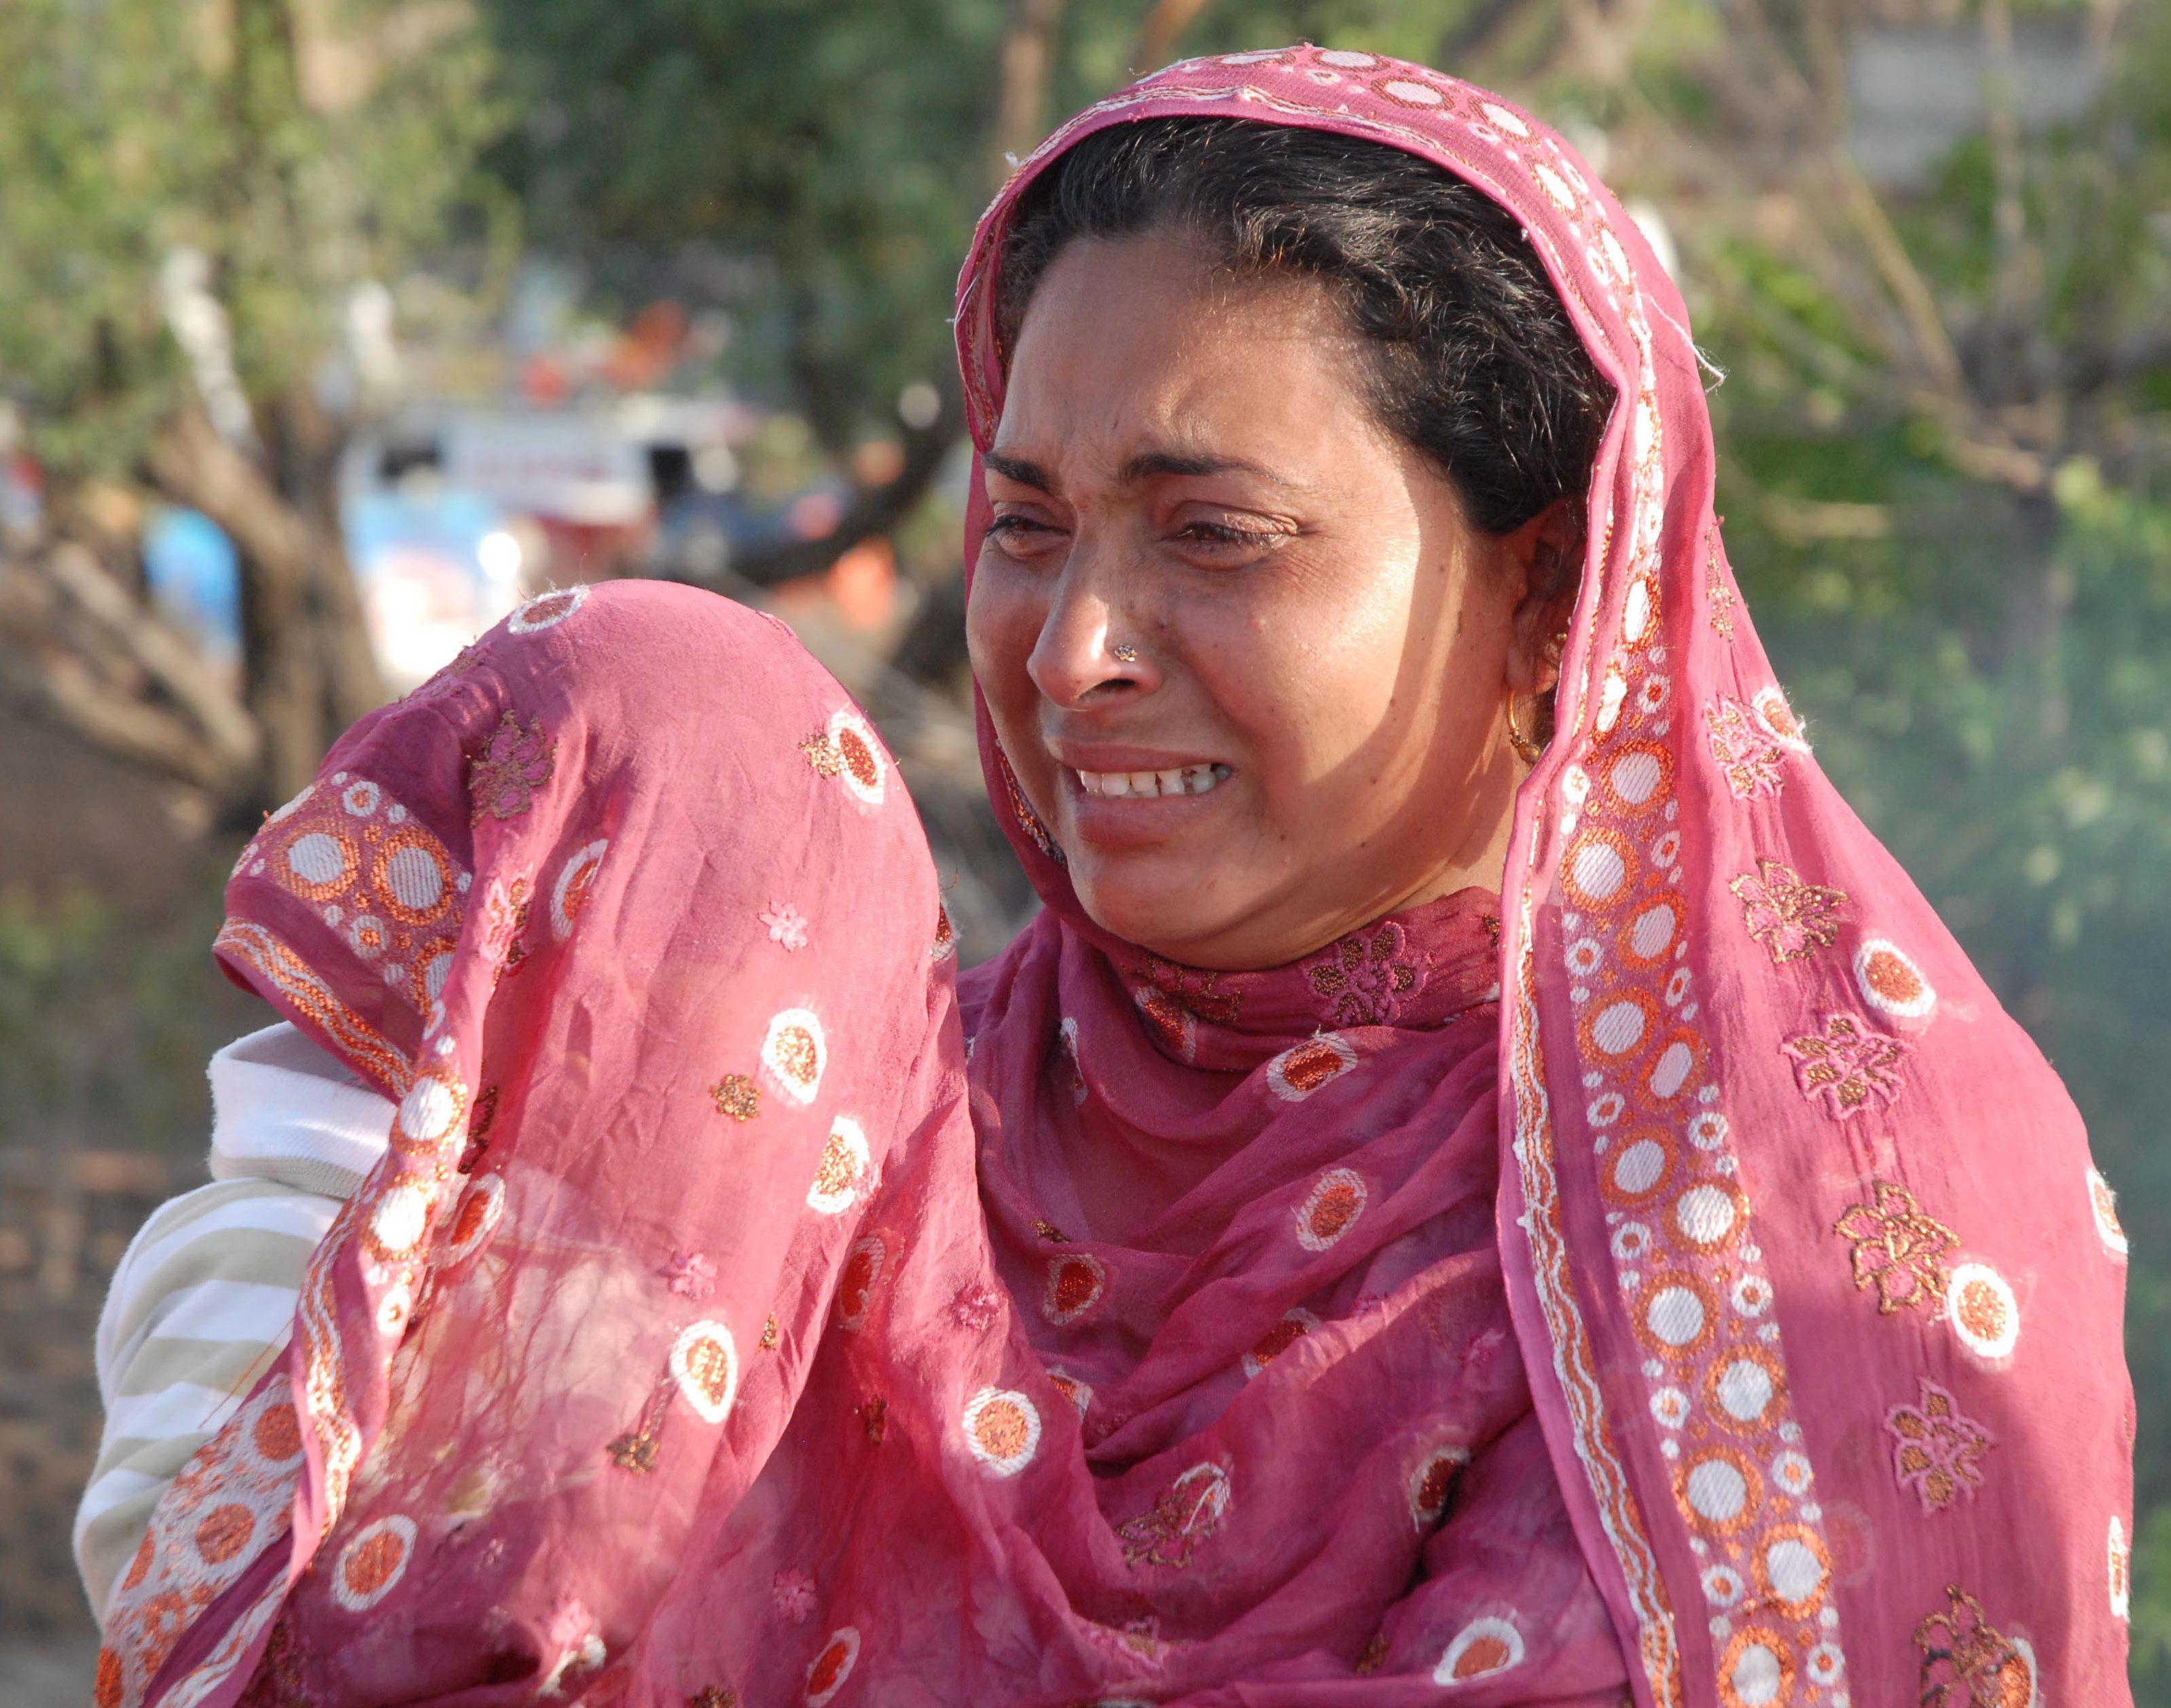 Пакистанци убиха дъщеря си, защото говорила с момче